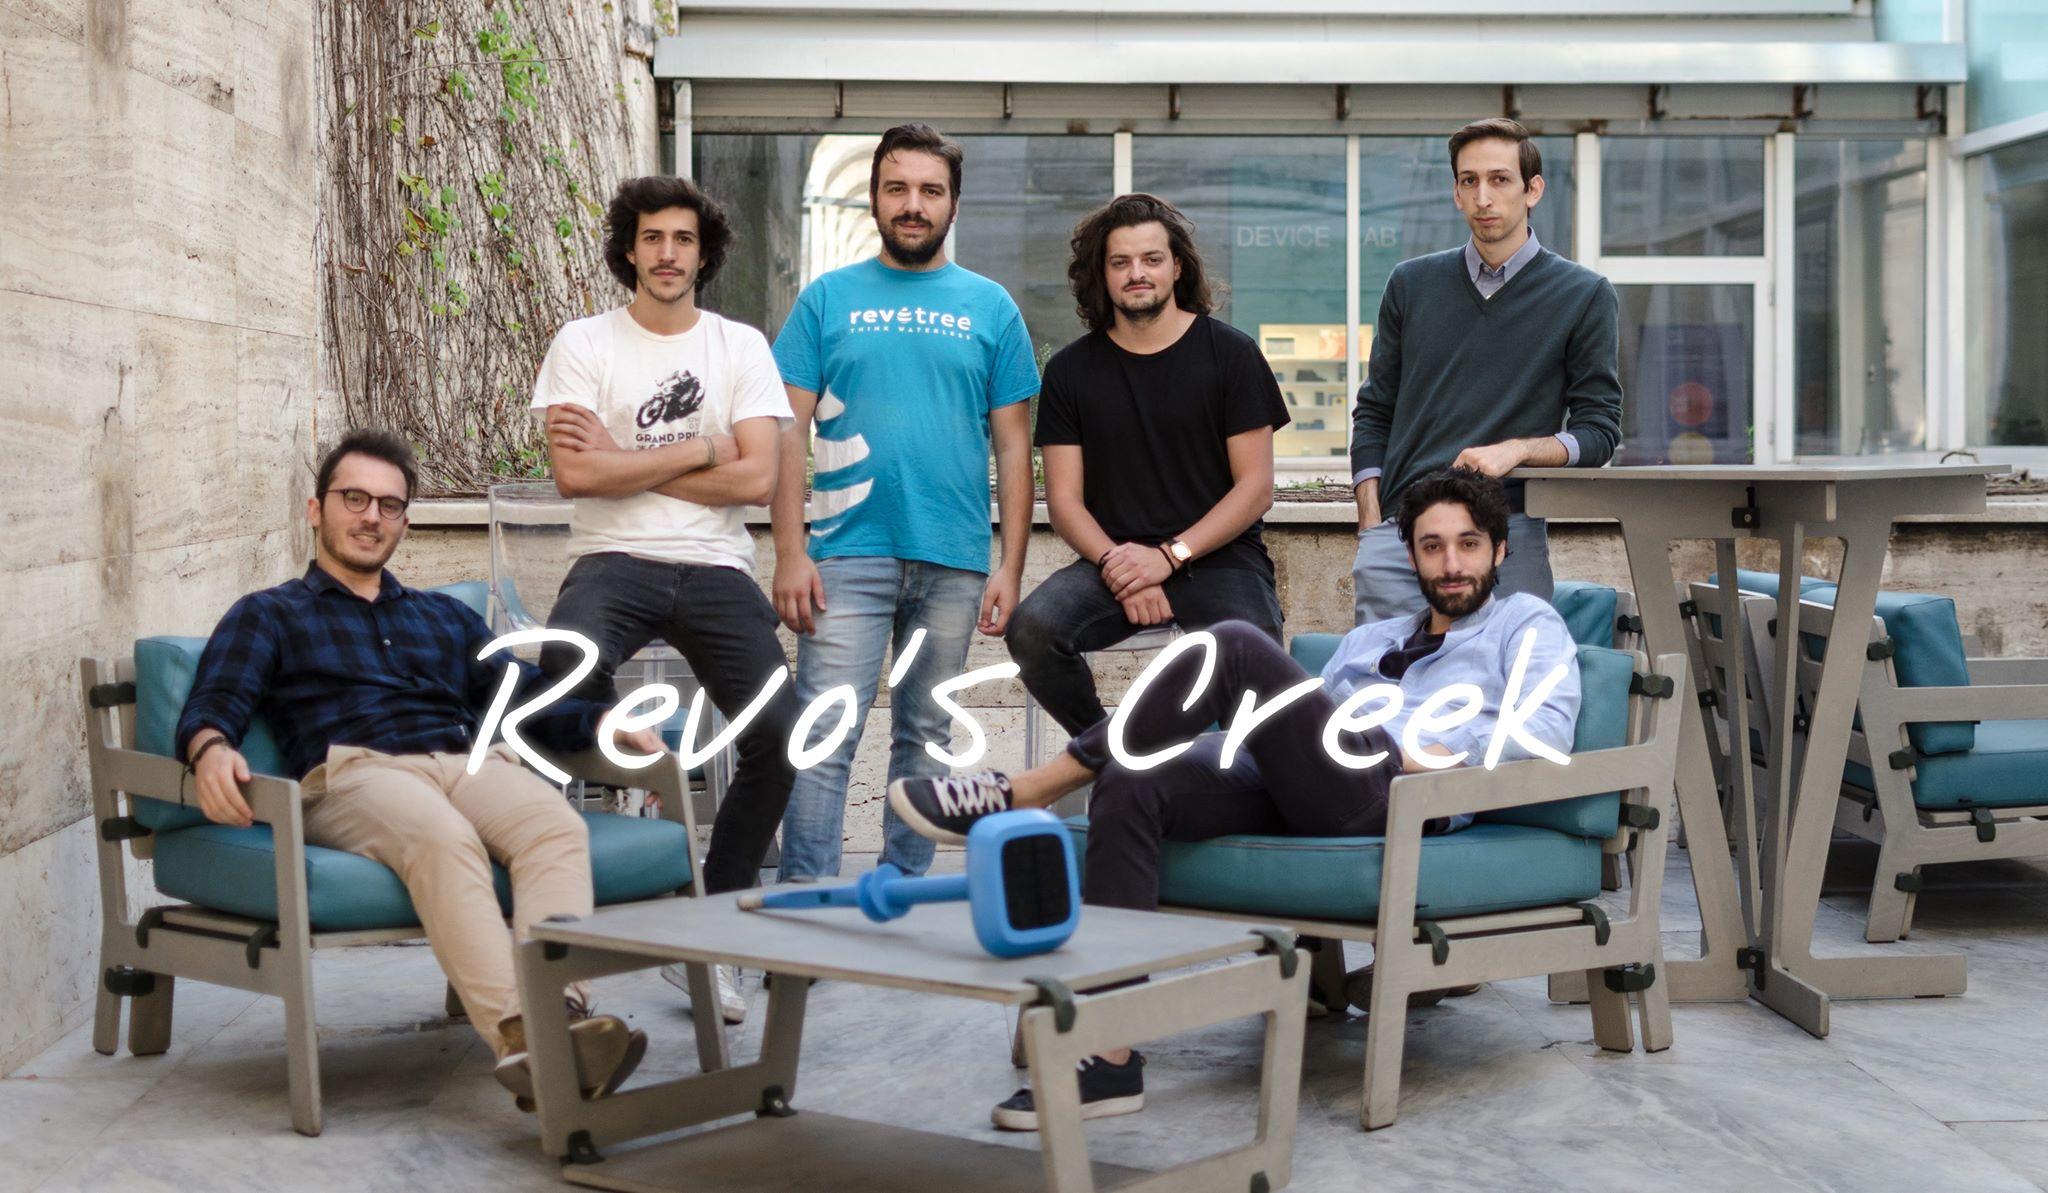 Revotree team members => Giovanni, Andrea, Cosimo, Davide, Marco, Giorgio